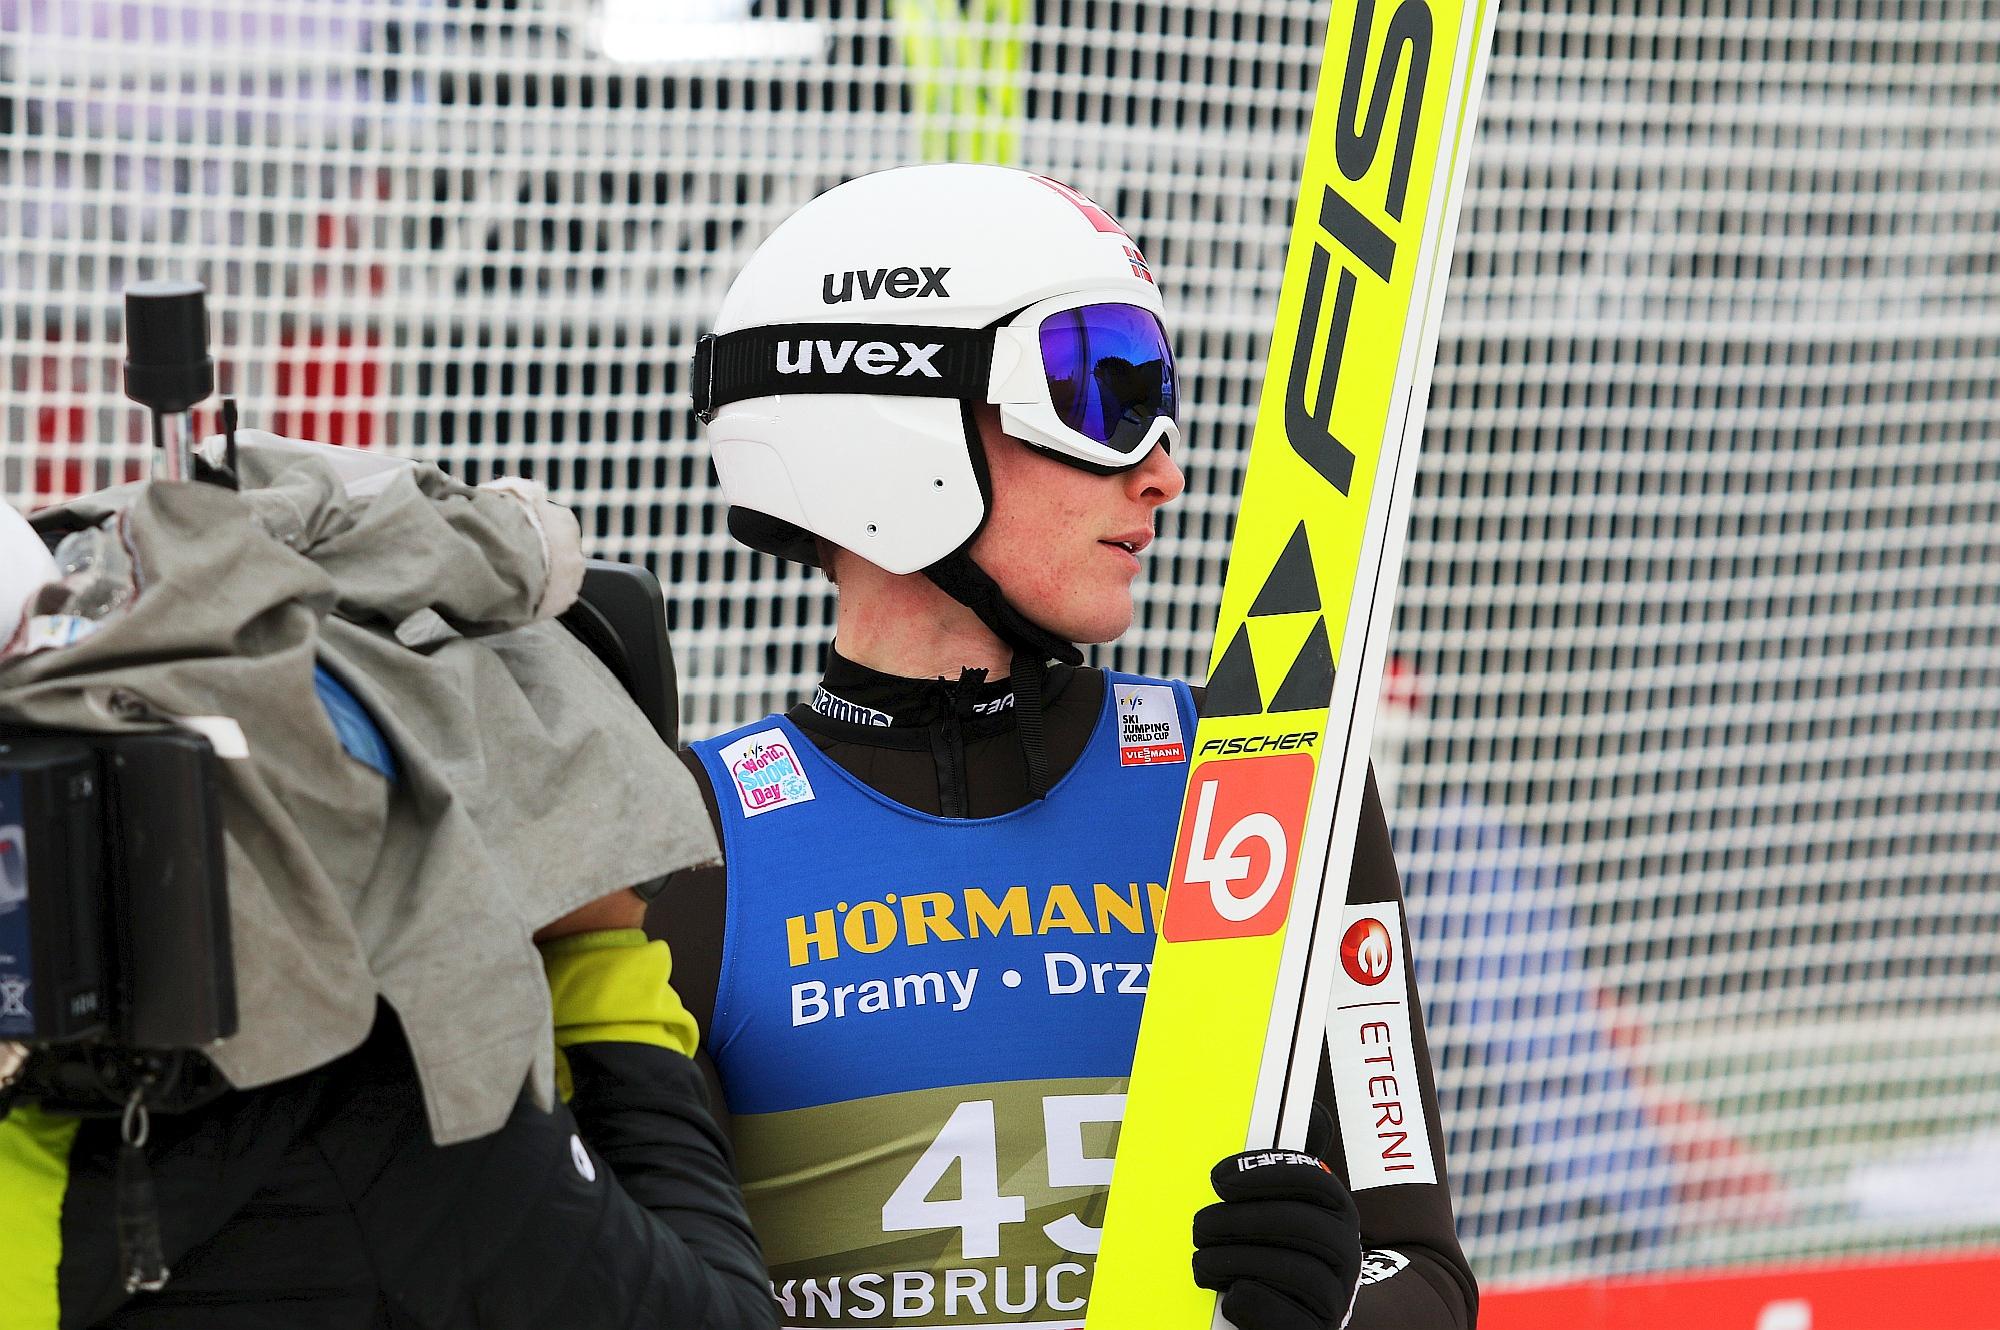 Norwegowie z jedną zmianą na Zakopane, Stoeckl chce powrotu na podium